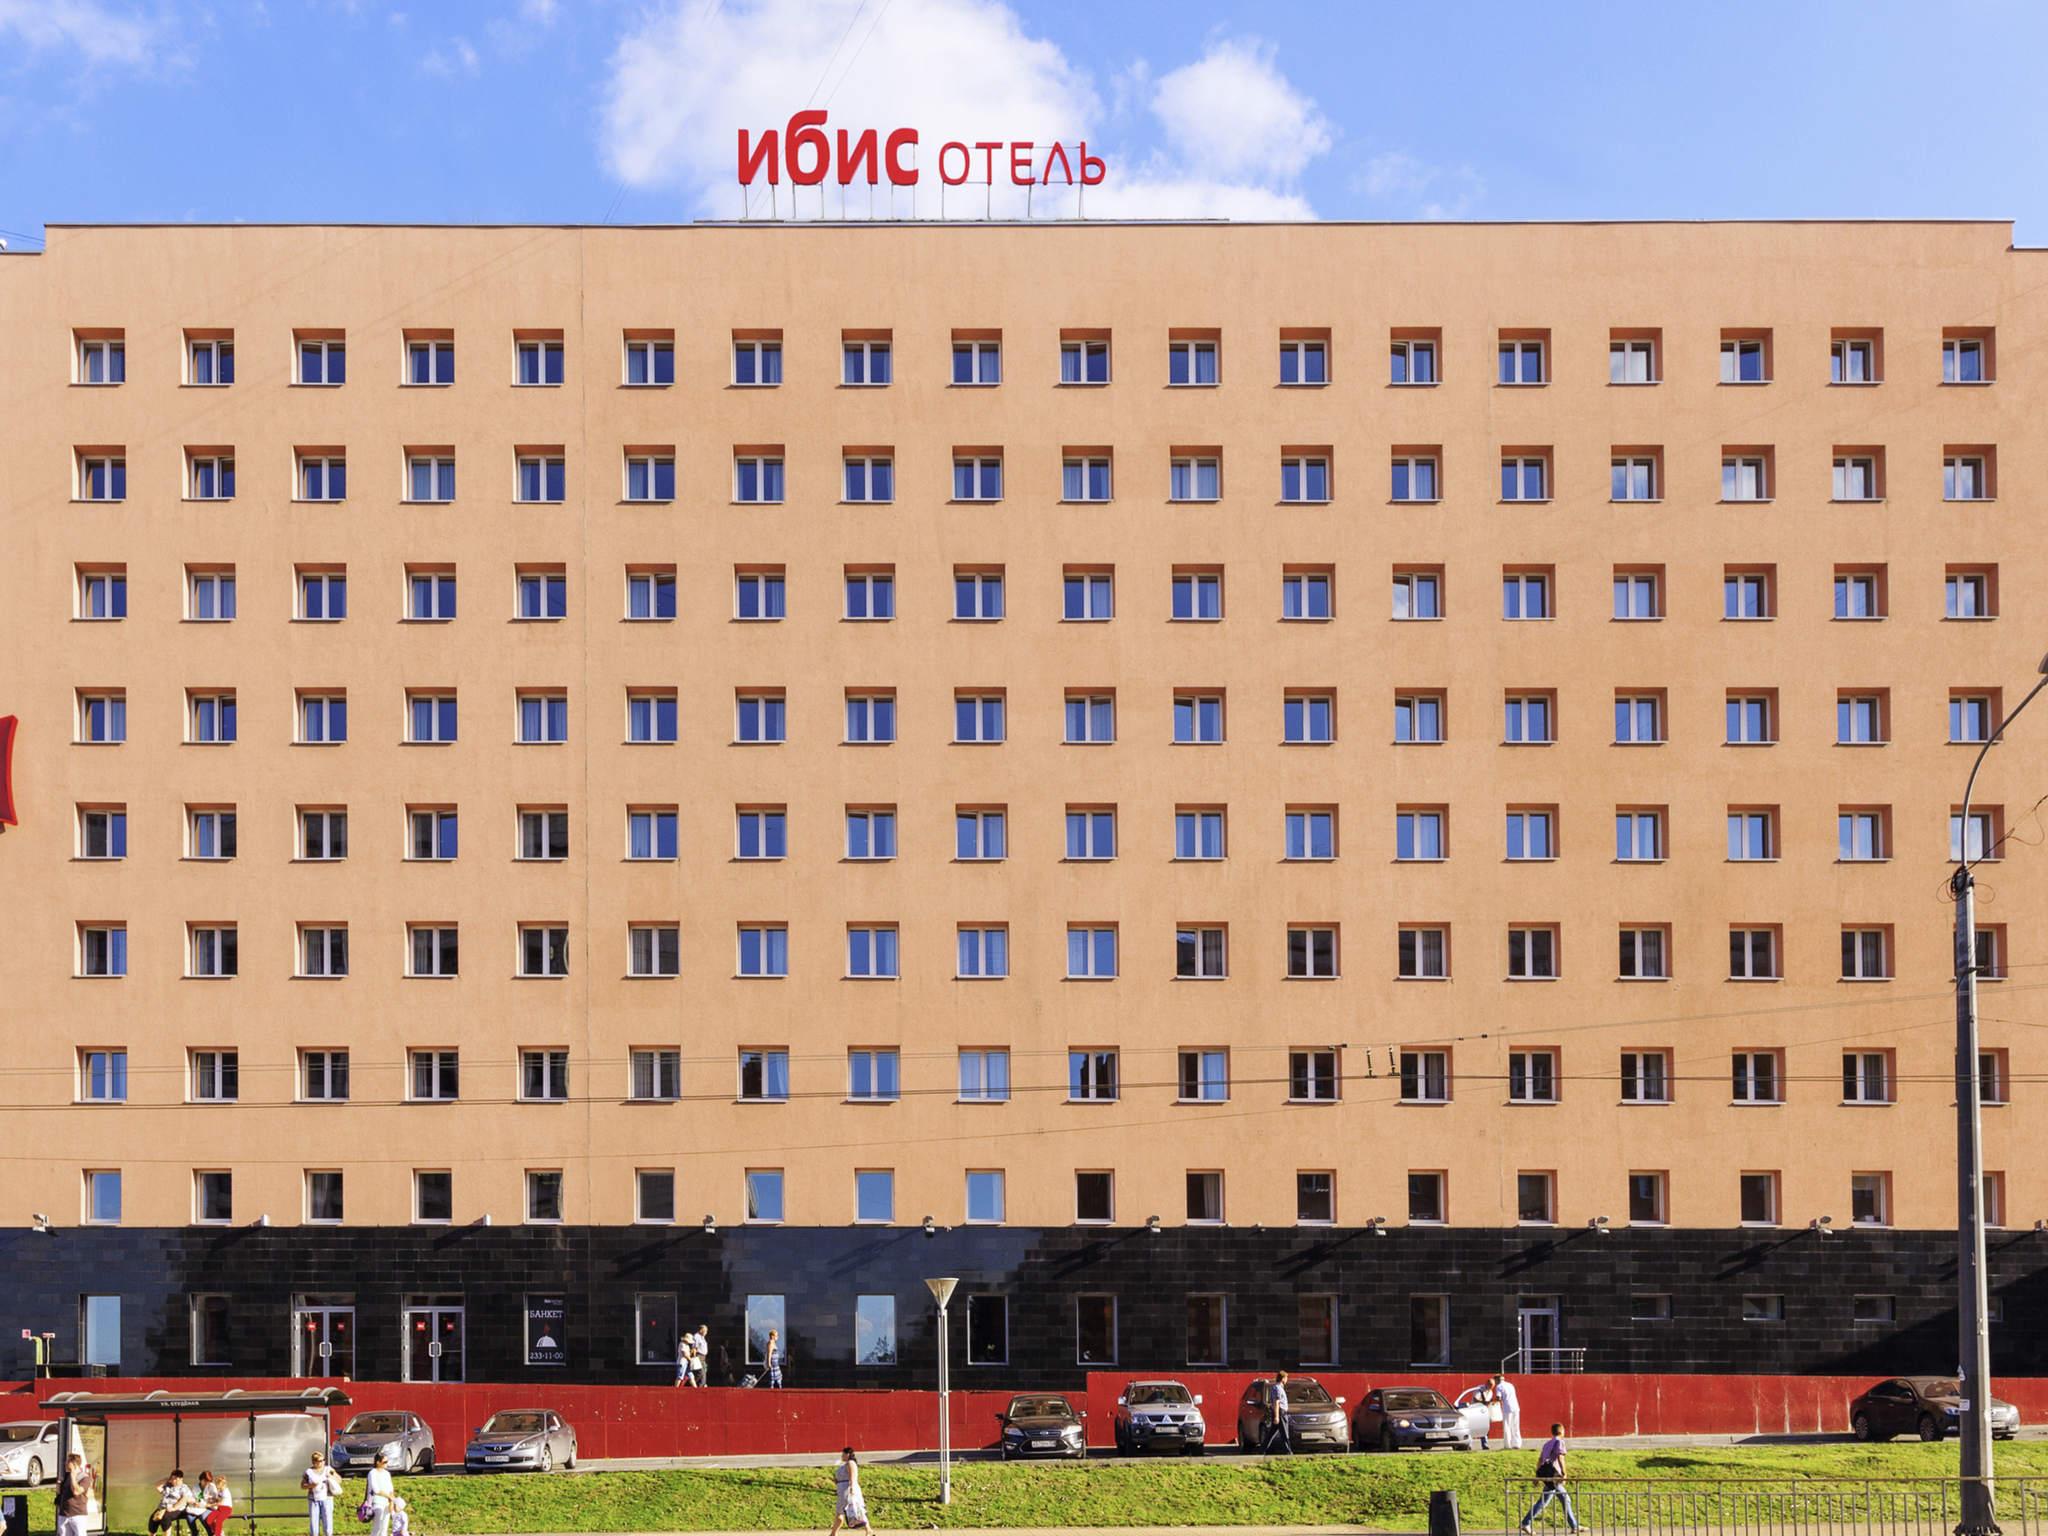 Otel – ibis Nizhny Novgorod